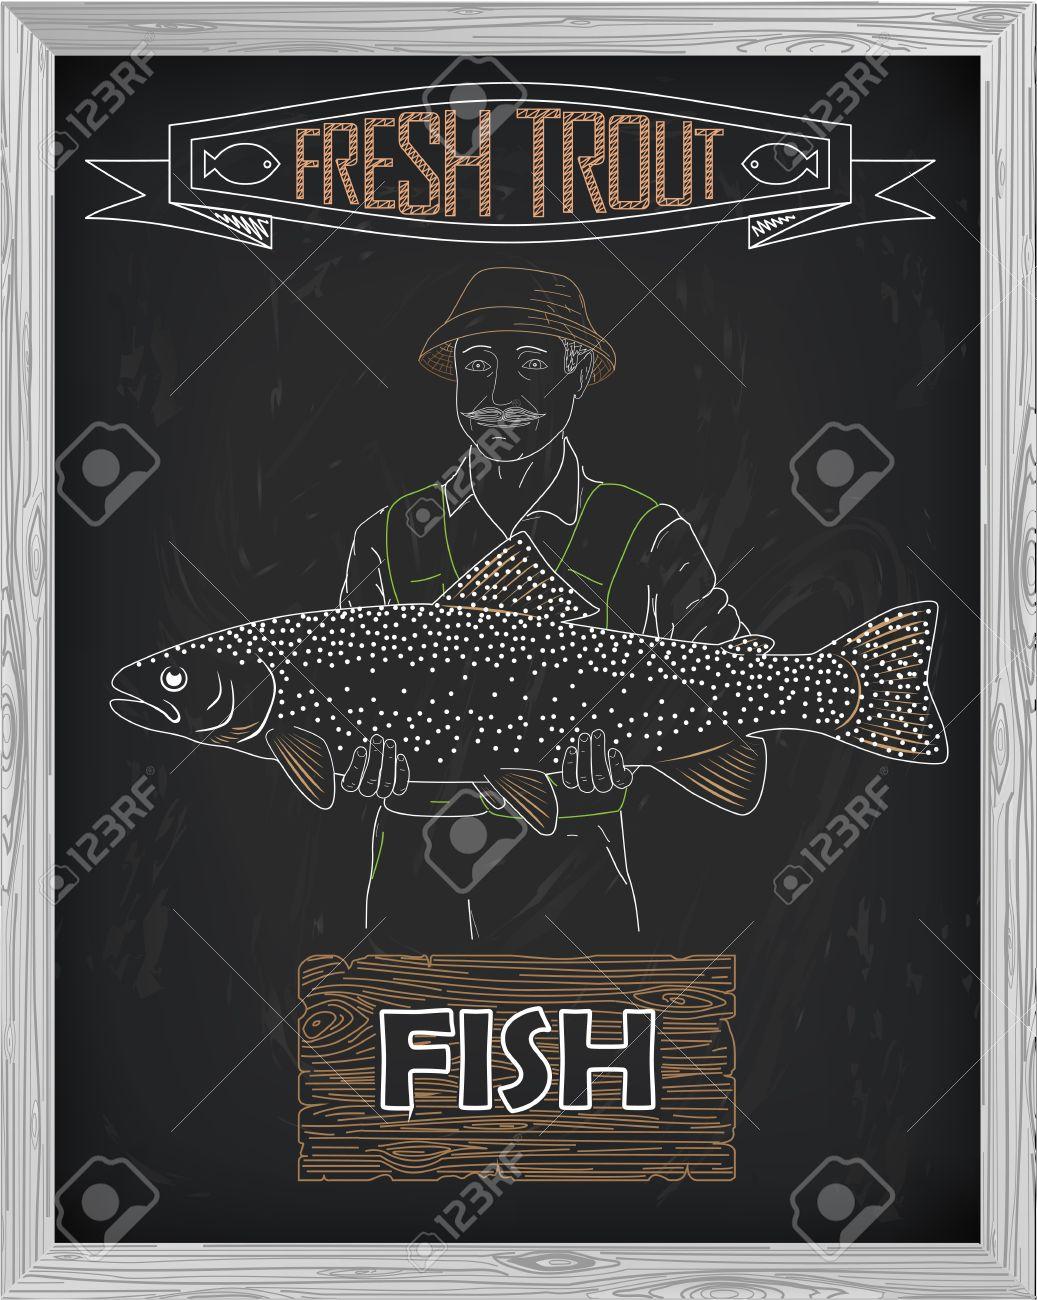 Schönes Muster Von Lachsforelle Fischer Mit Einer Zeichnung Von